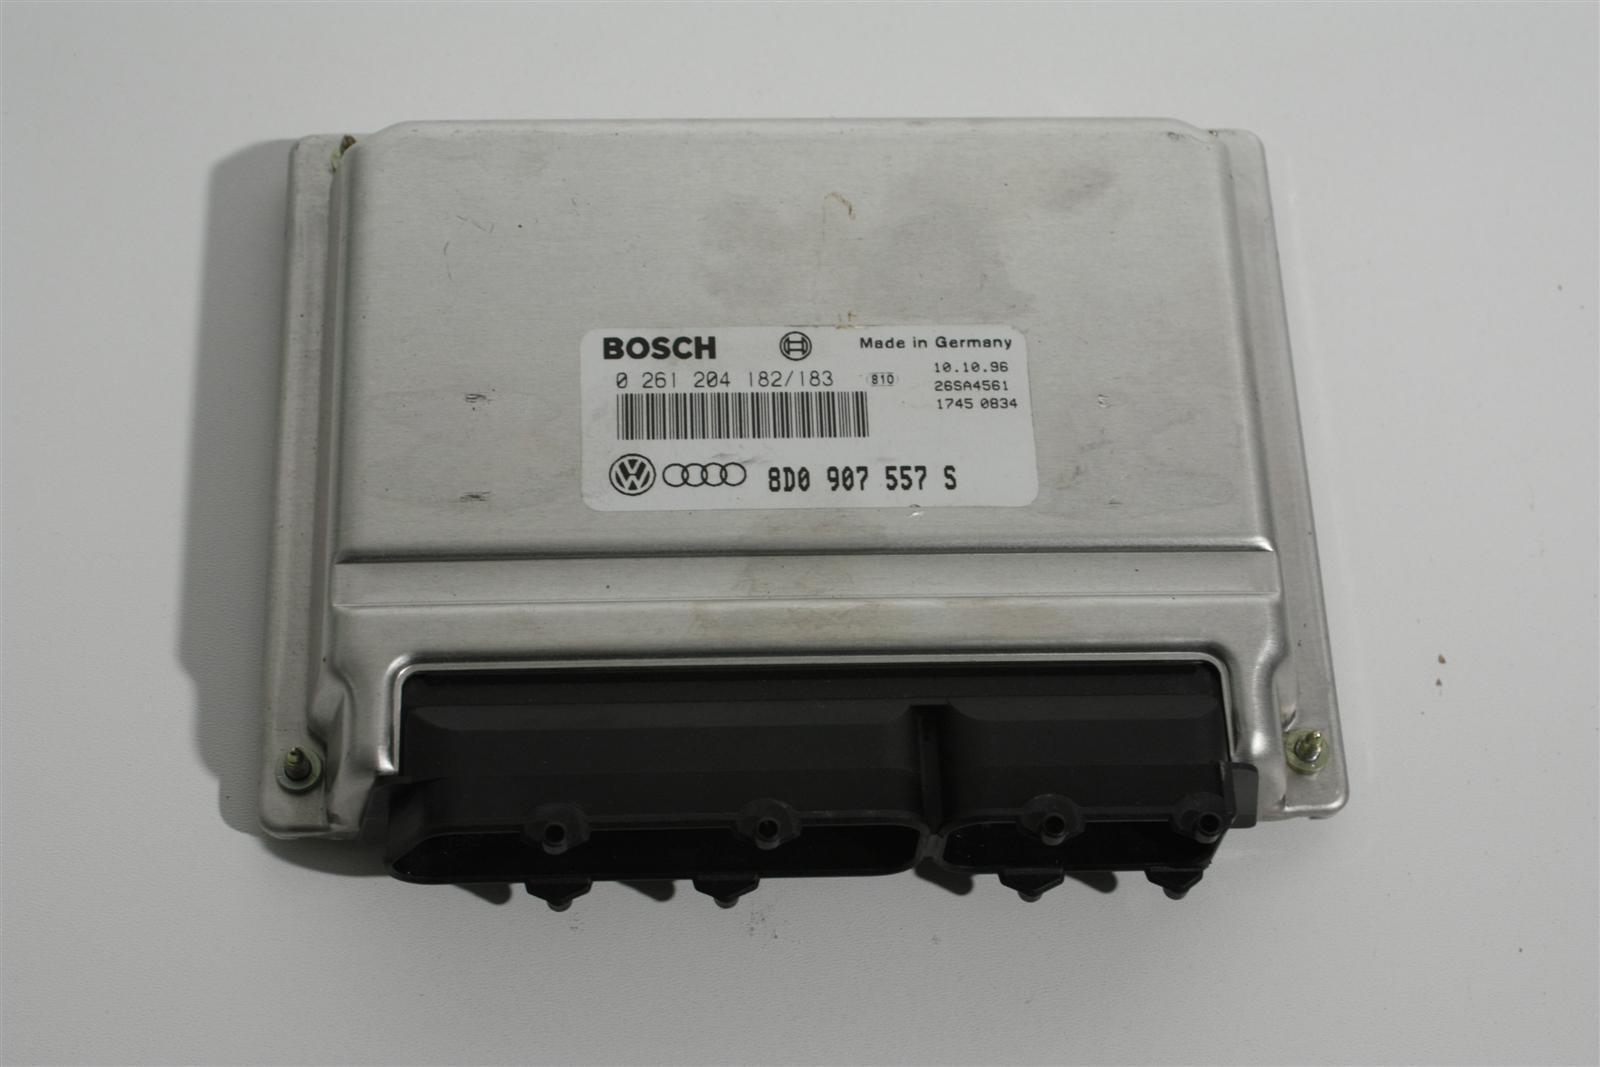 Audi A4 B5 1.8l ADR Motorsteuergerät 8D0907557S